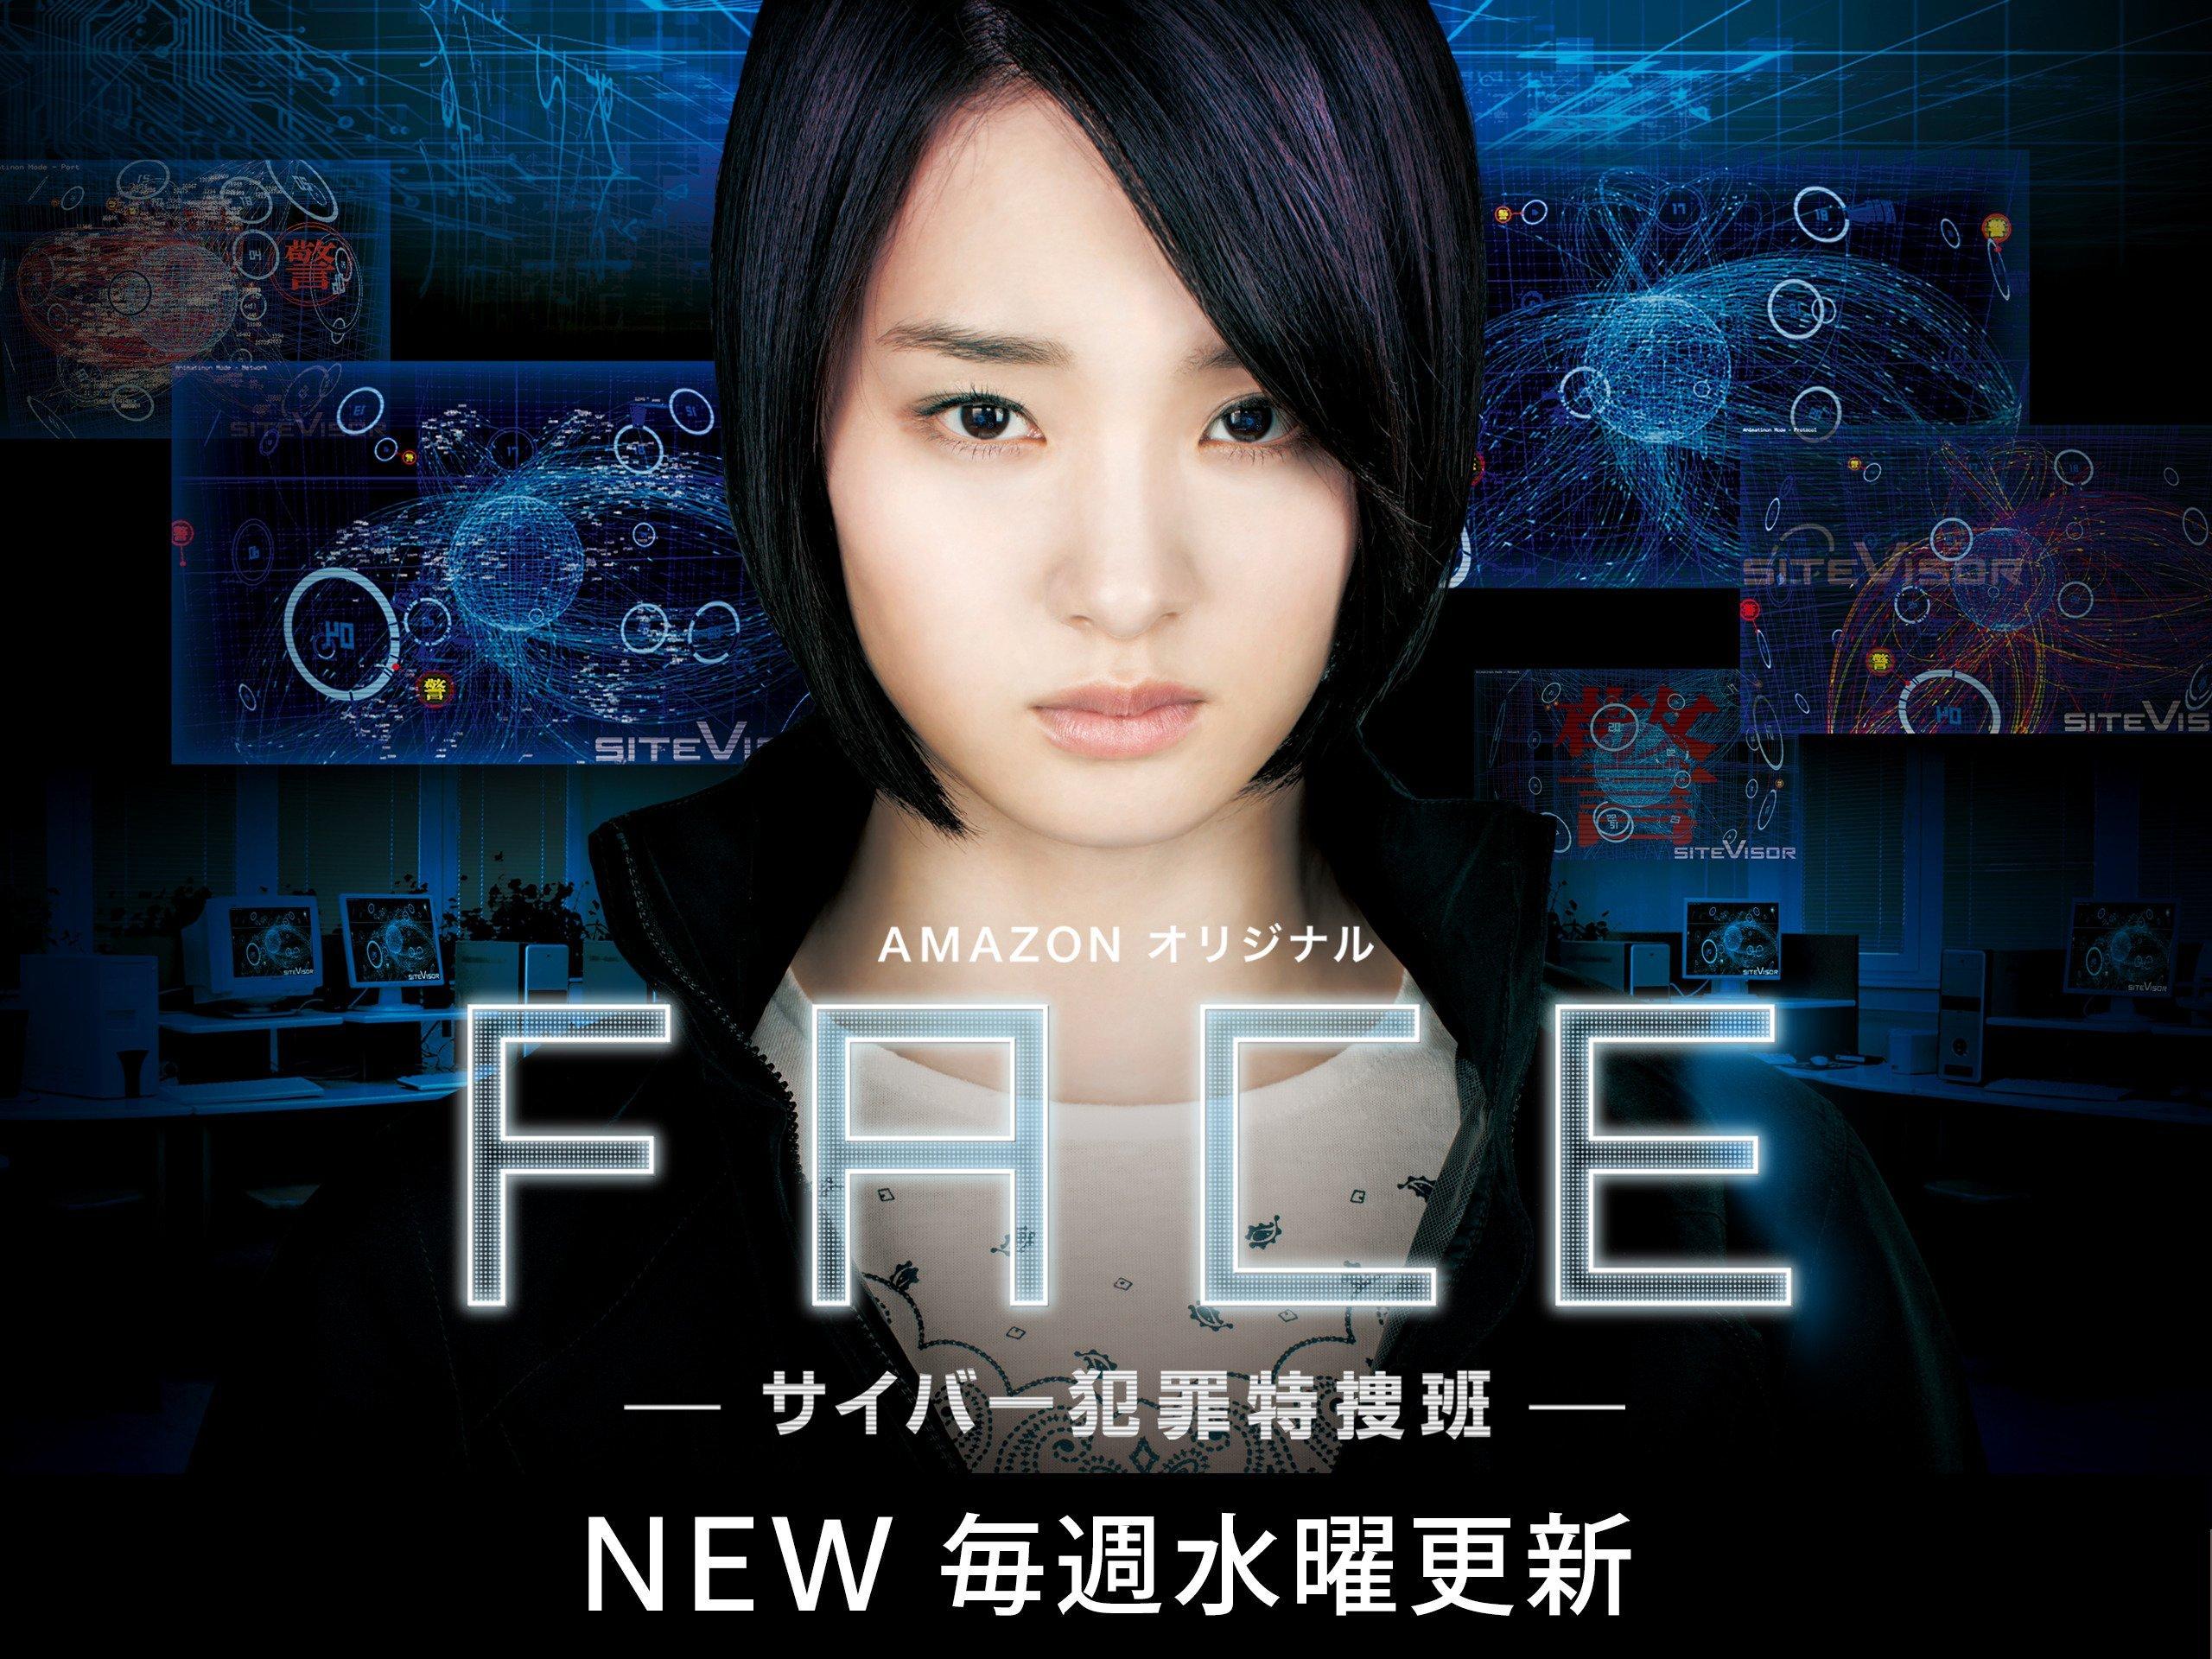 amazon-face